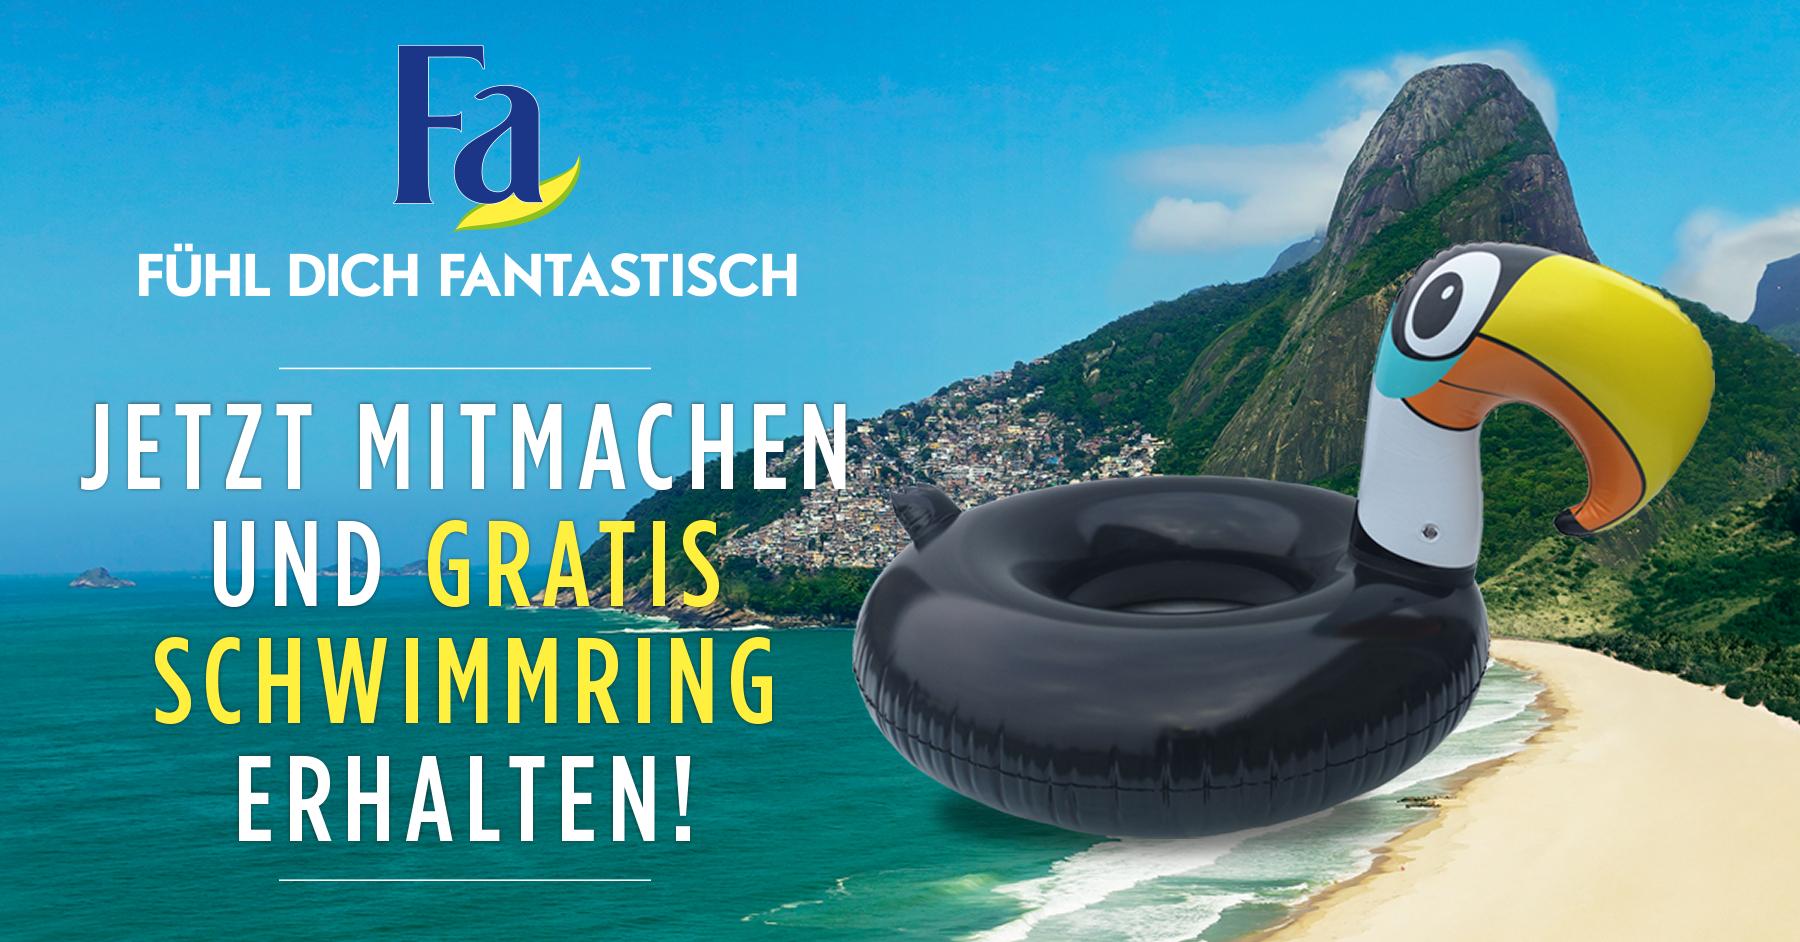 (HIT) Fa, Schauma, Syoss Produkte für 8€ kaufen, Tukan Schwimmring (1,20m) per Post erhalten